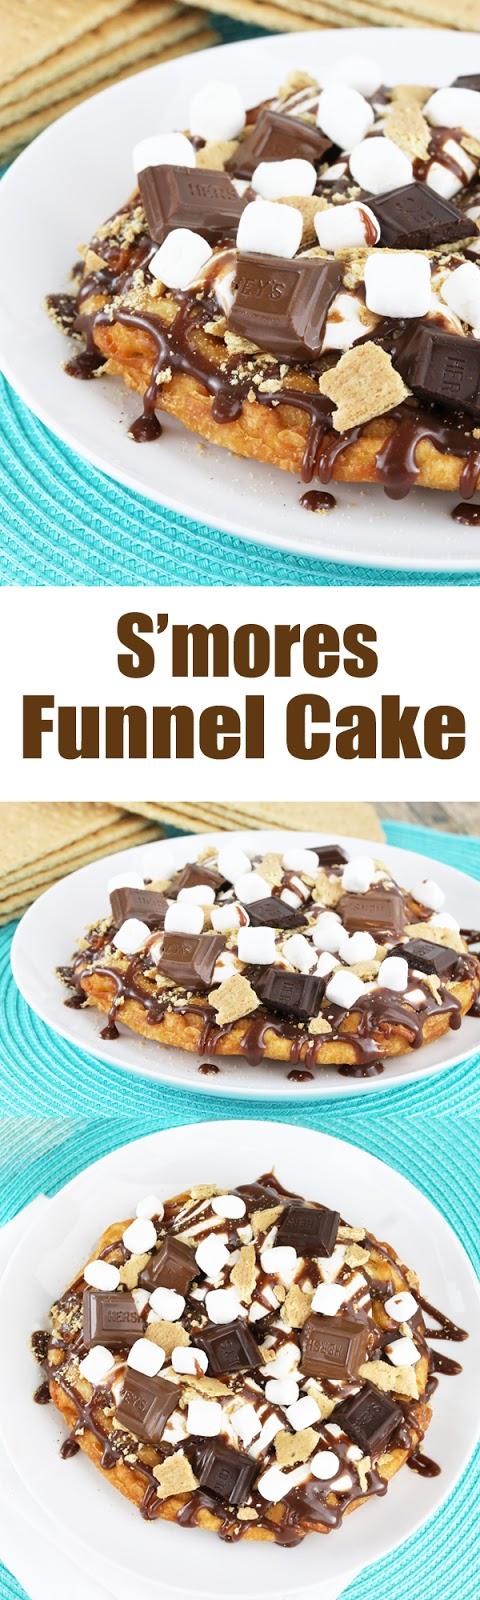 Smores Funnel Cake